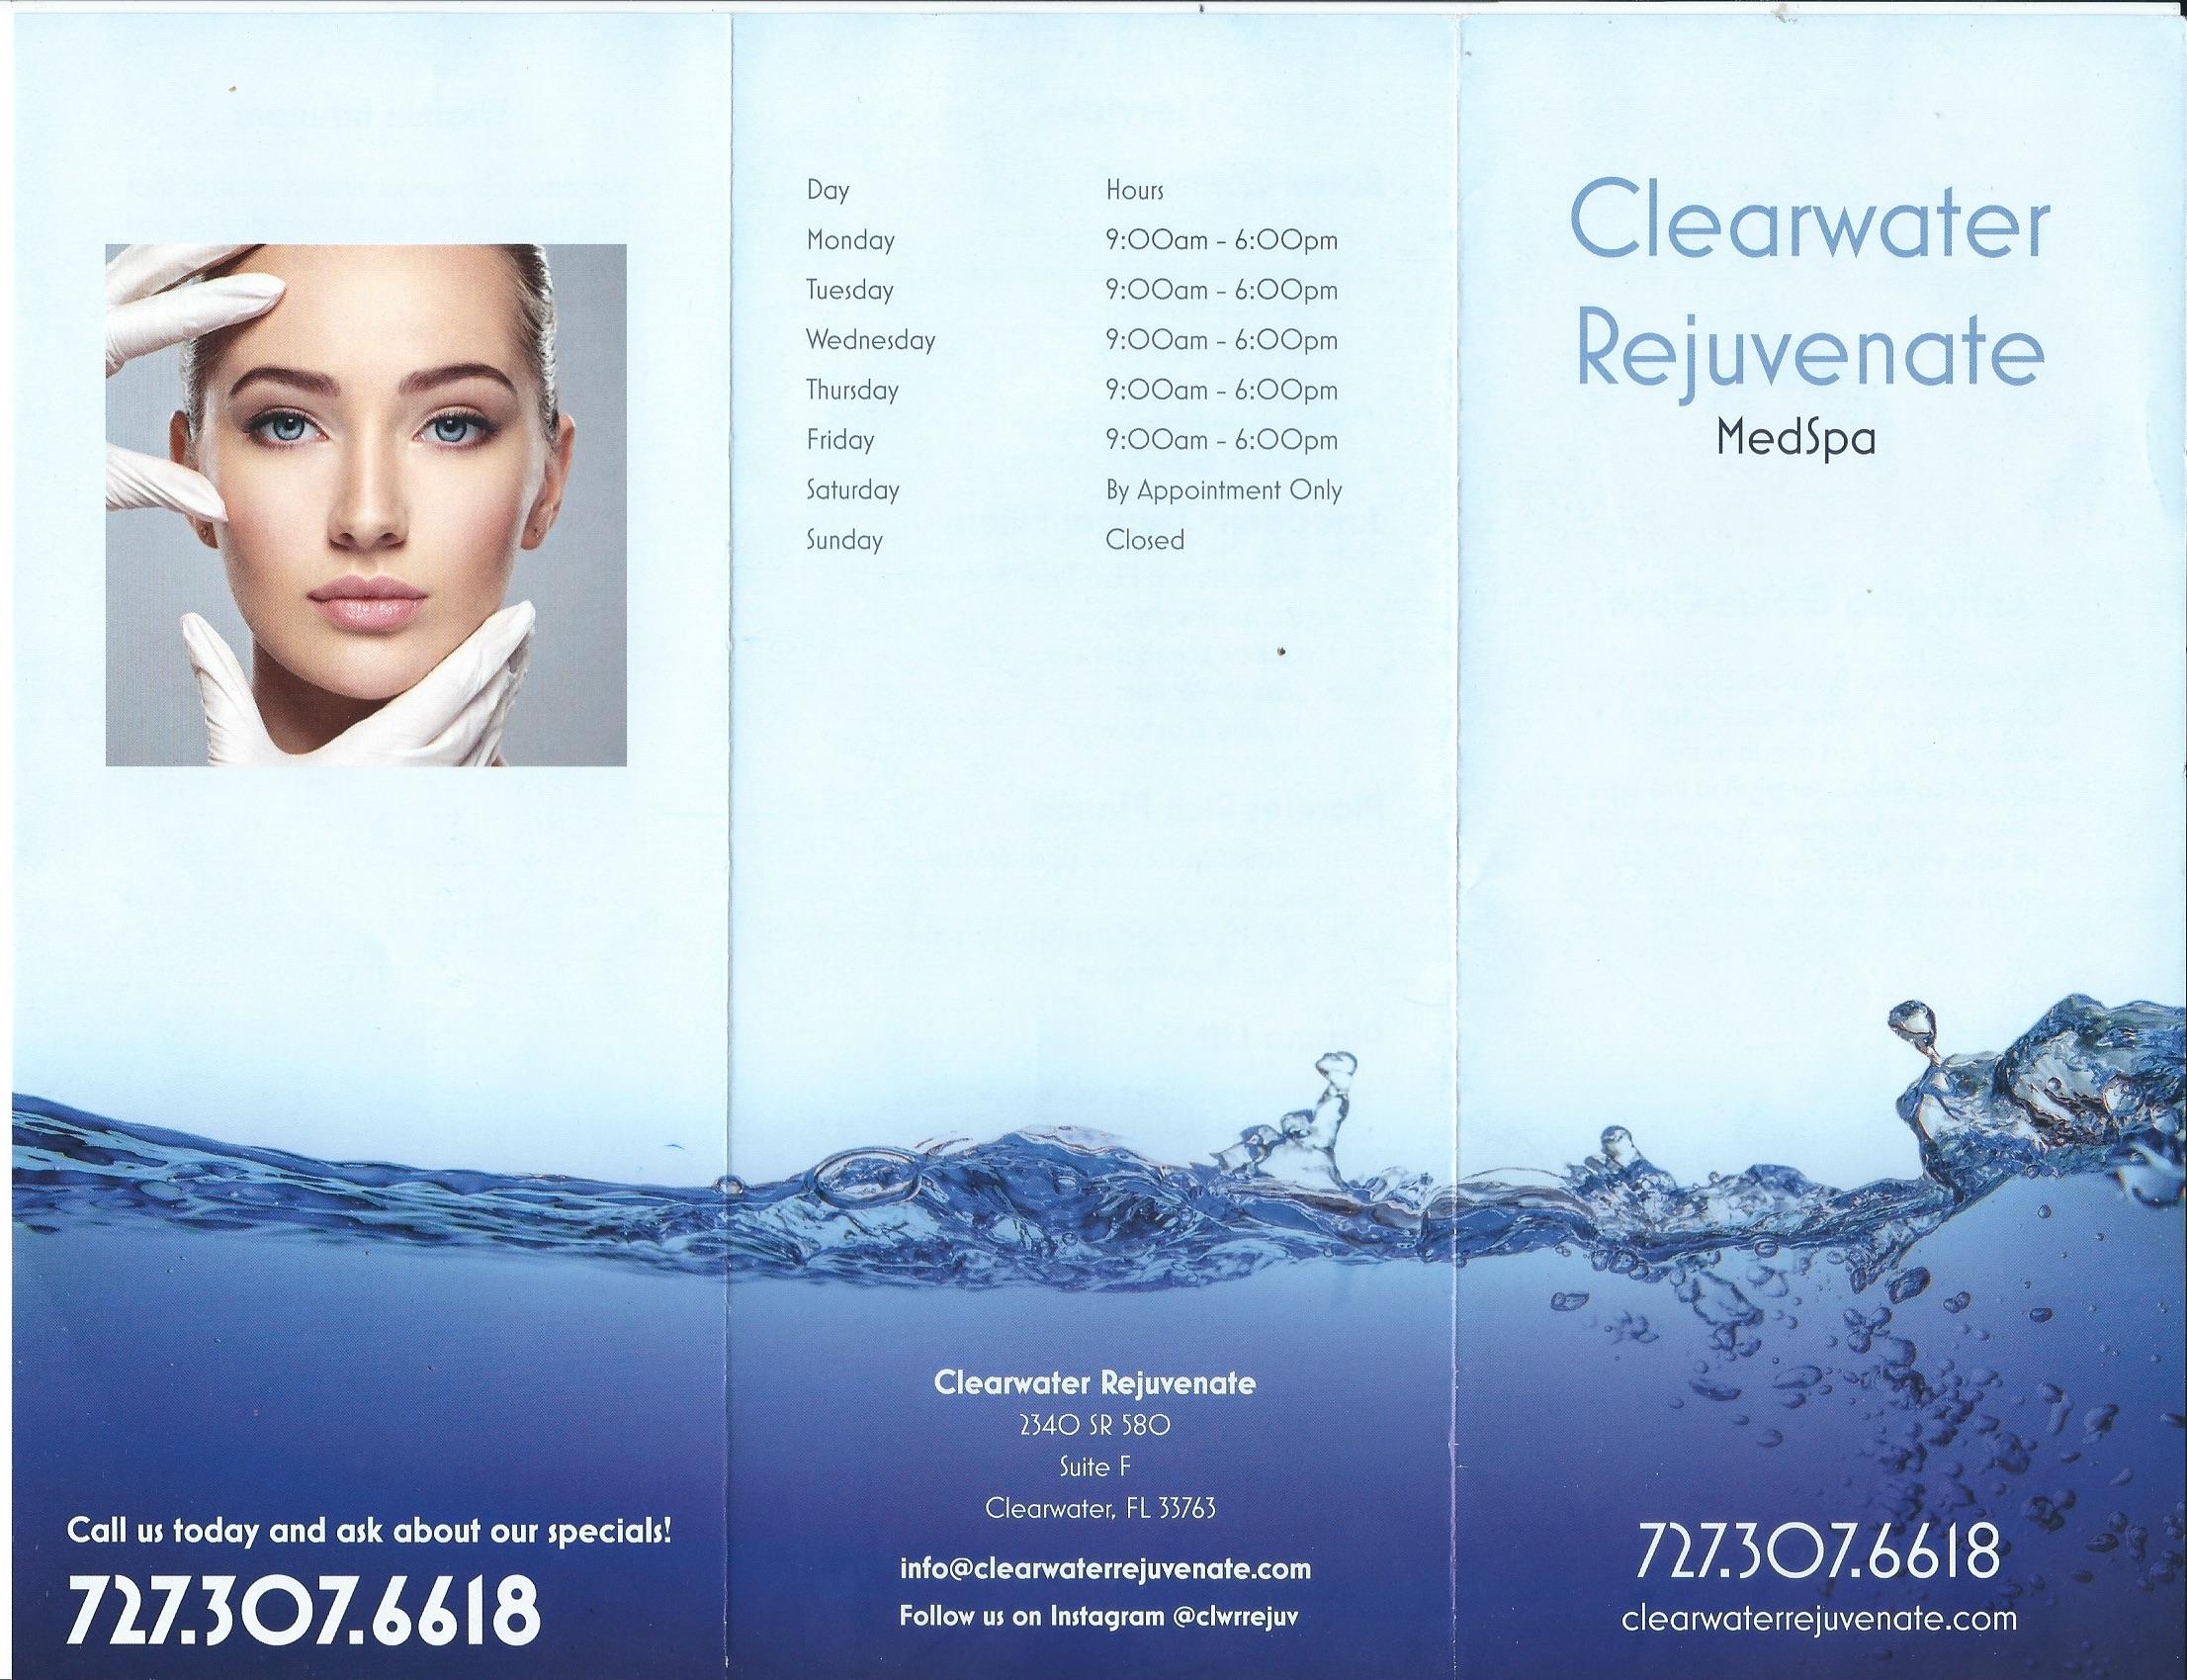 Clearwater Rejuvenate MedSpa 2